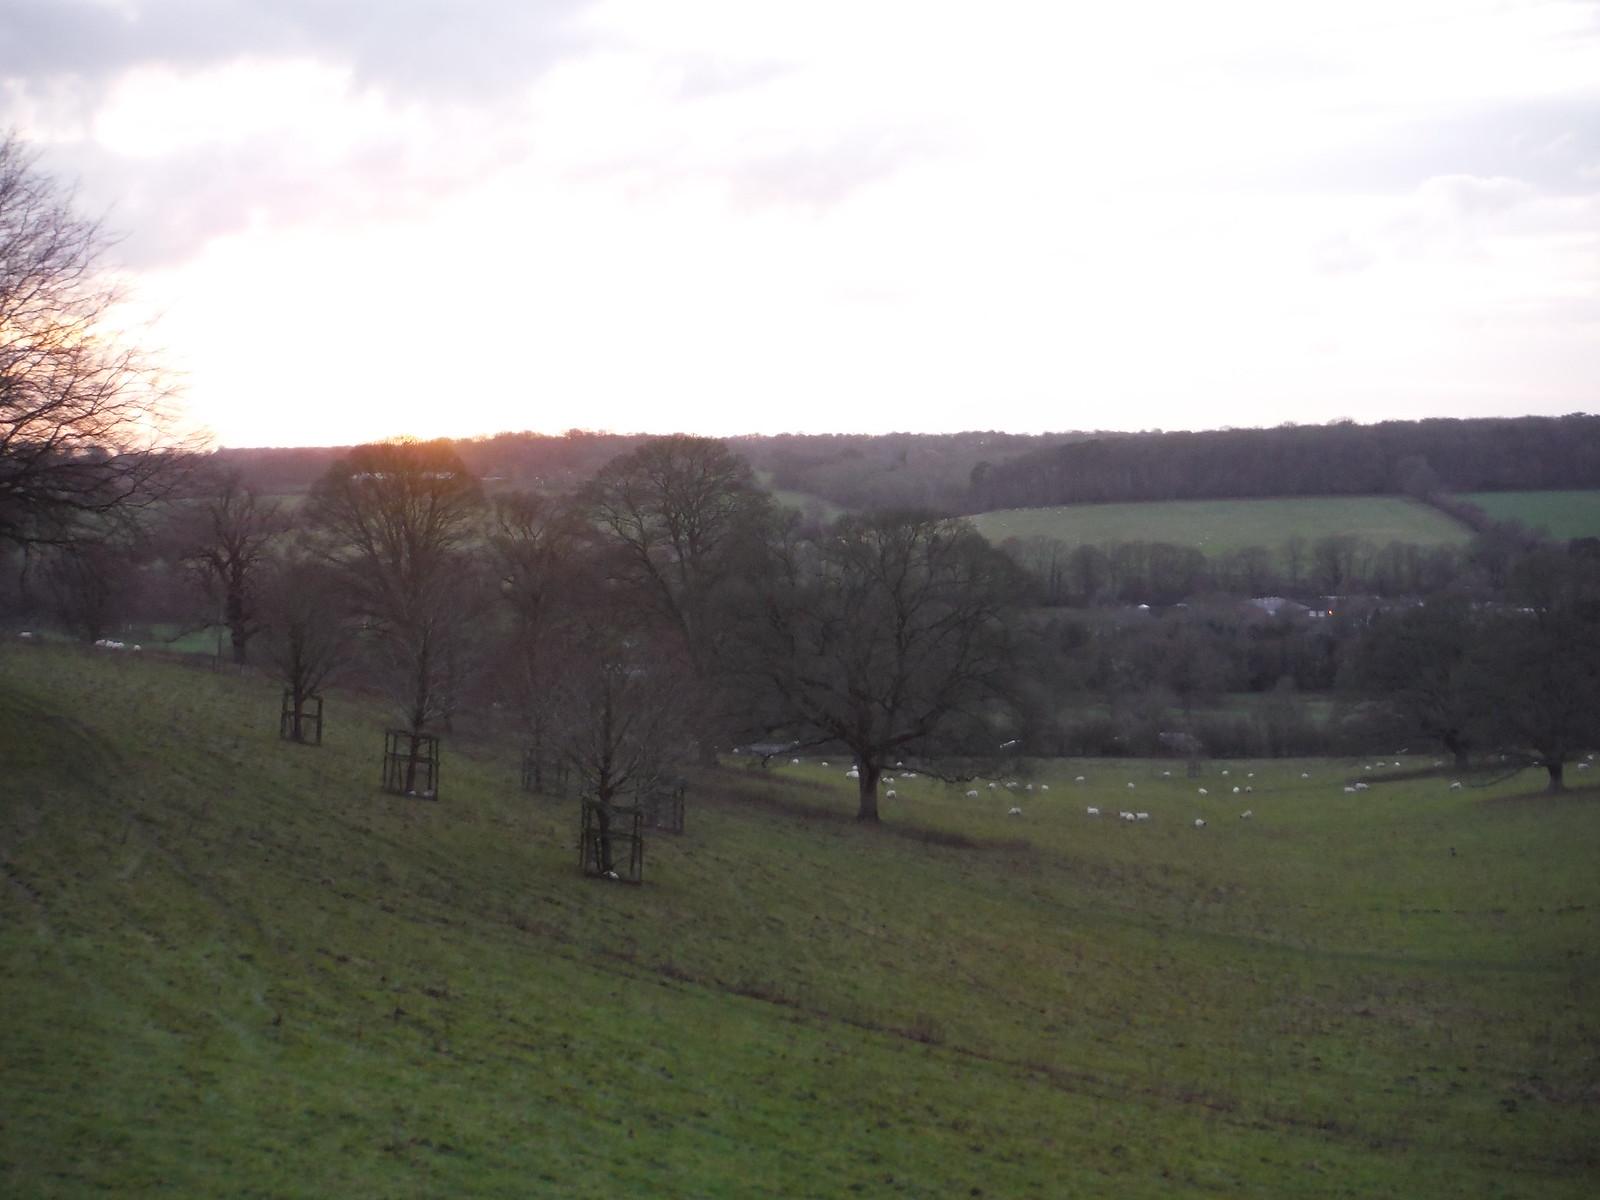 Chalkdell Wood, Great Missenden SWC Walk 140a Wendover to Great Missenden